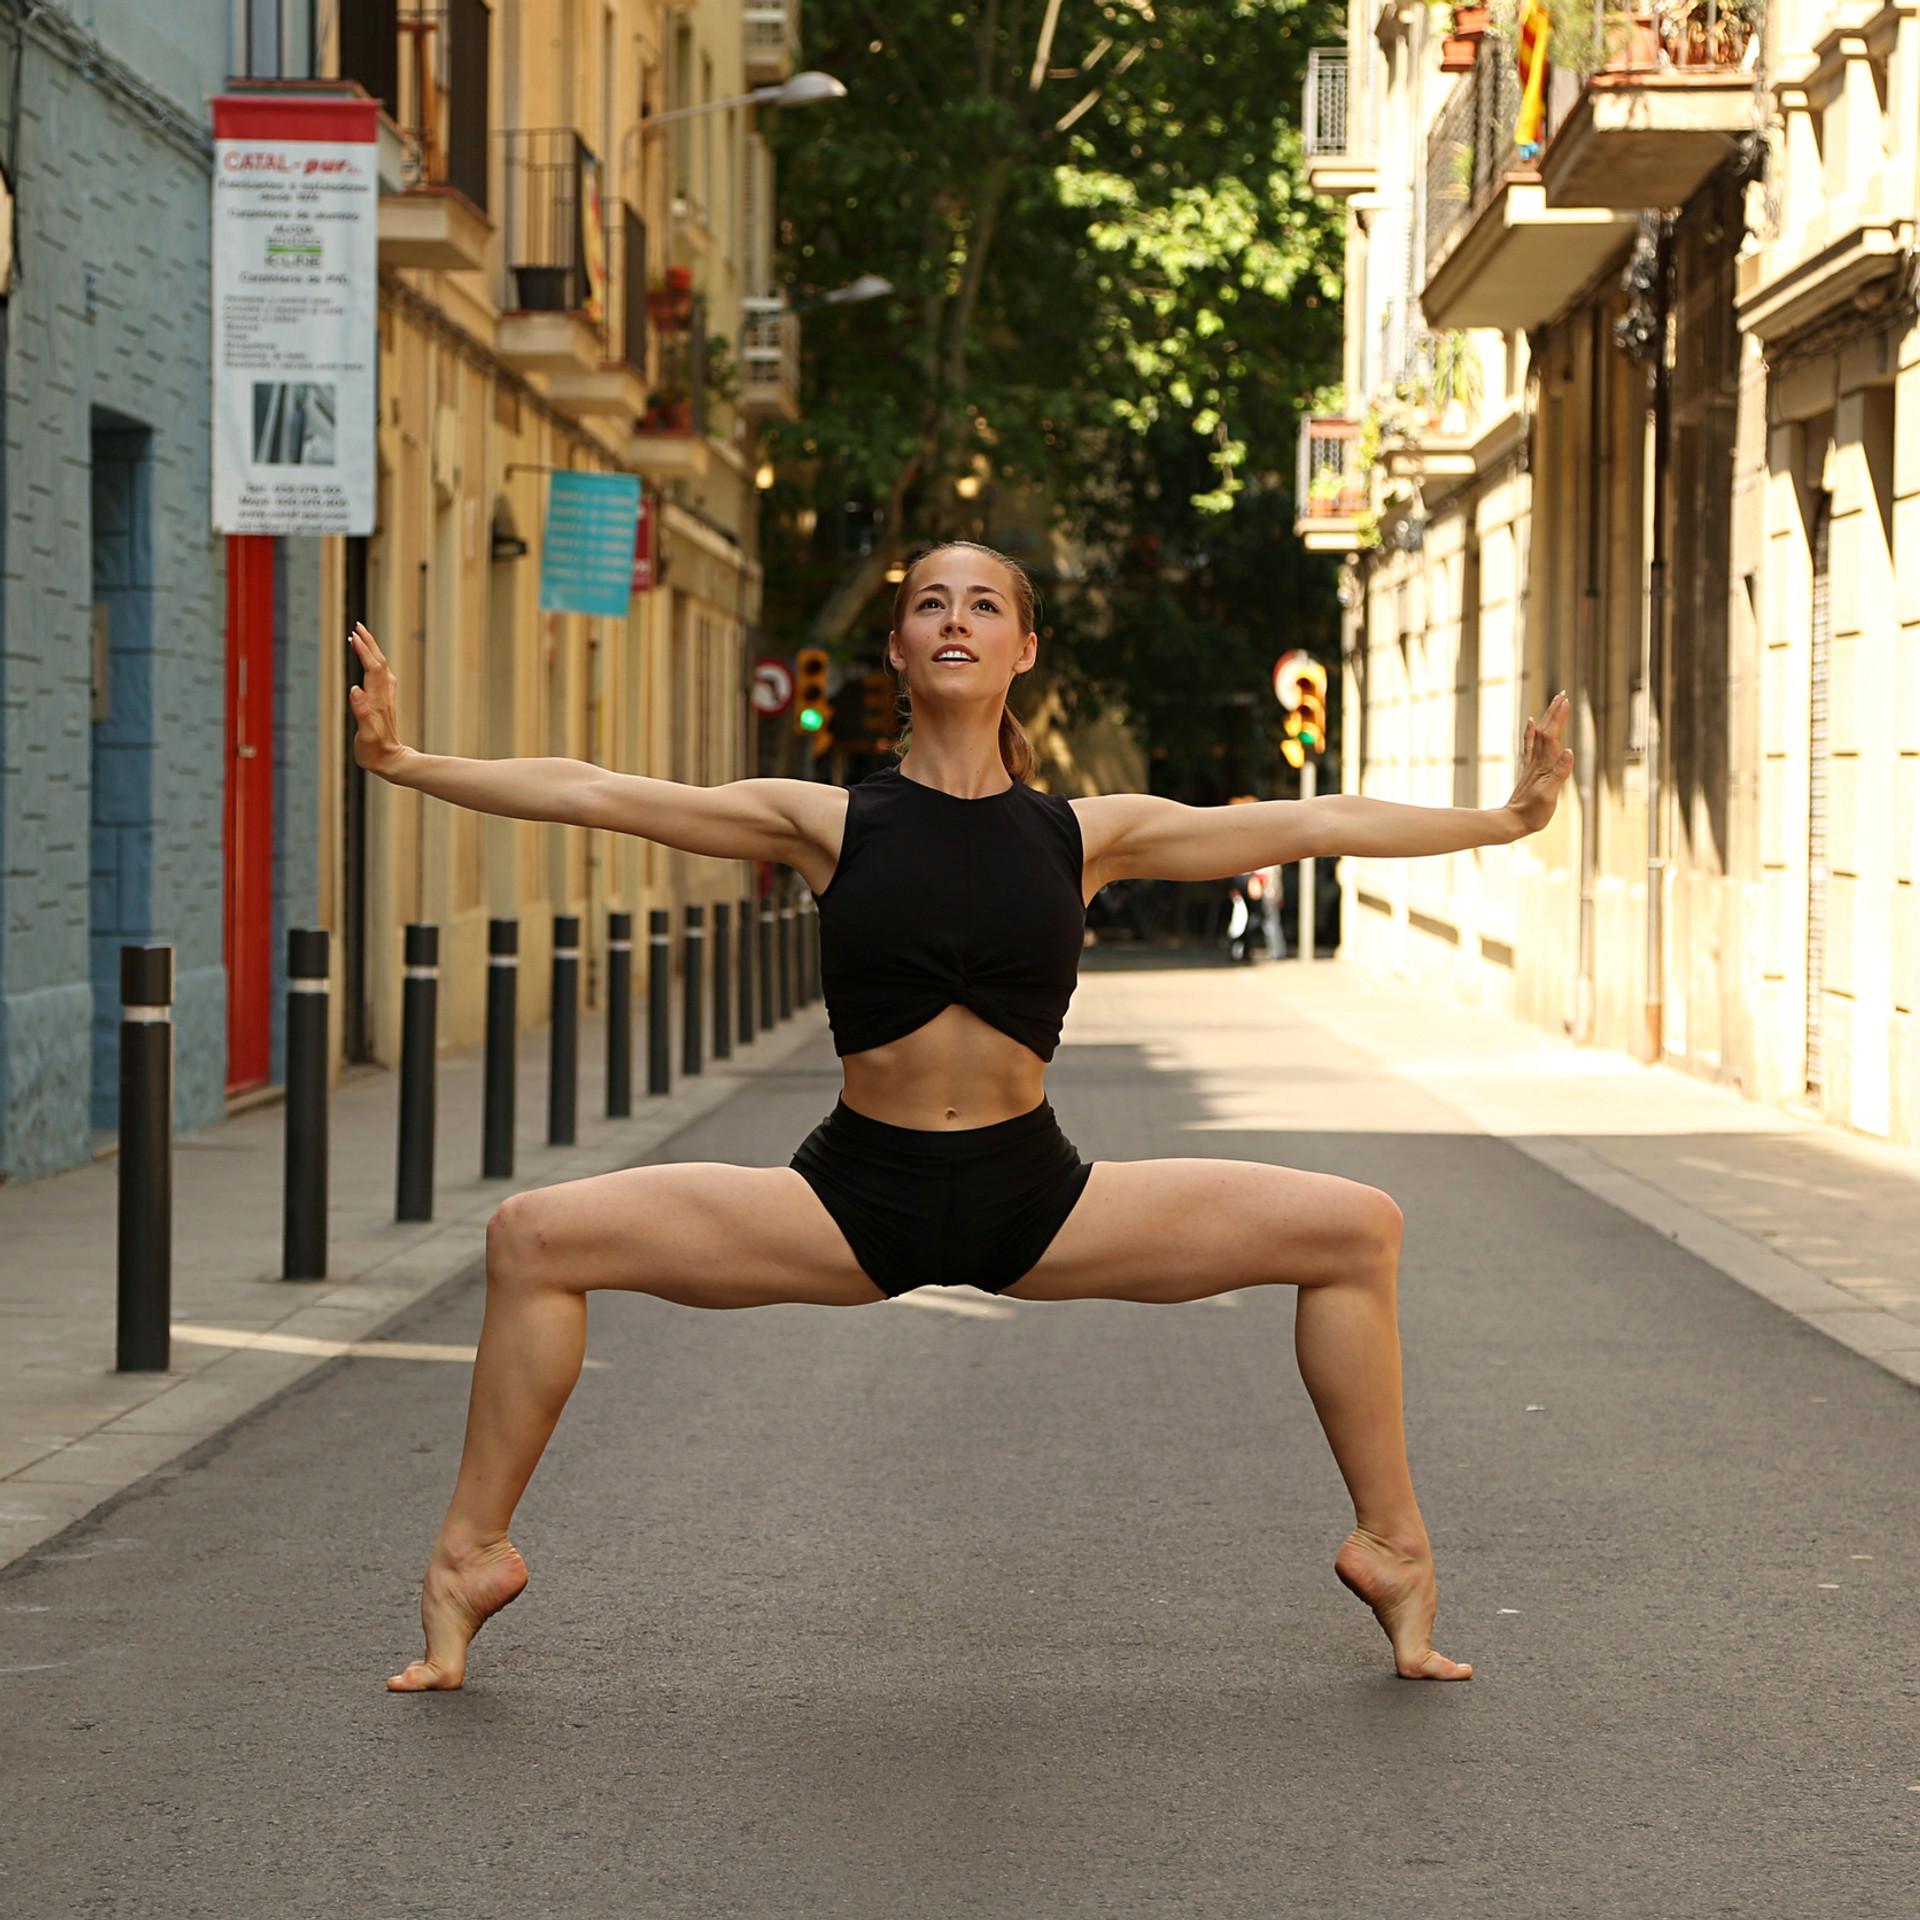 TatianaRooney_Bodyshot_3.jpg